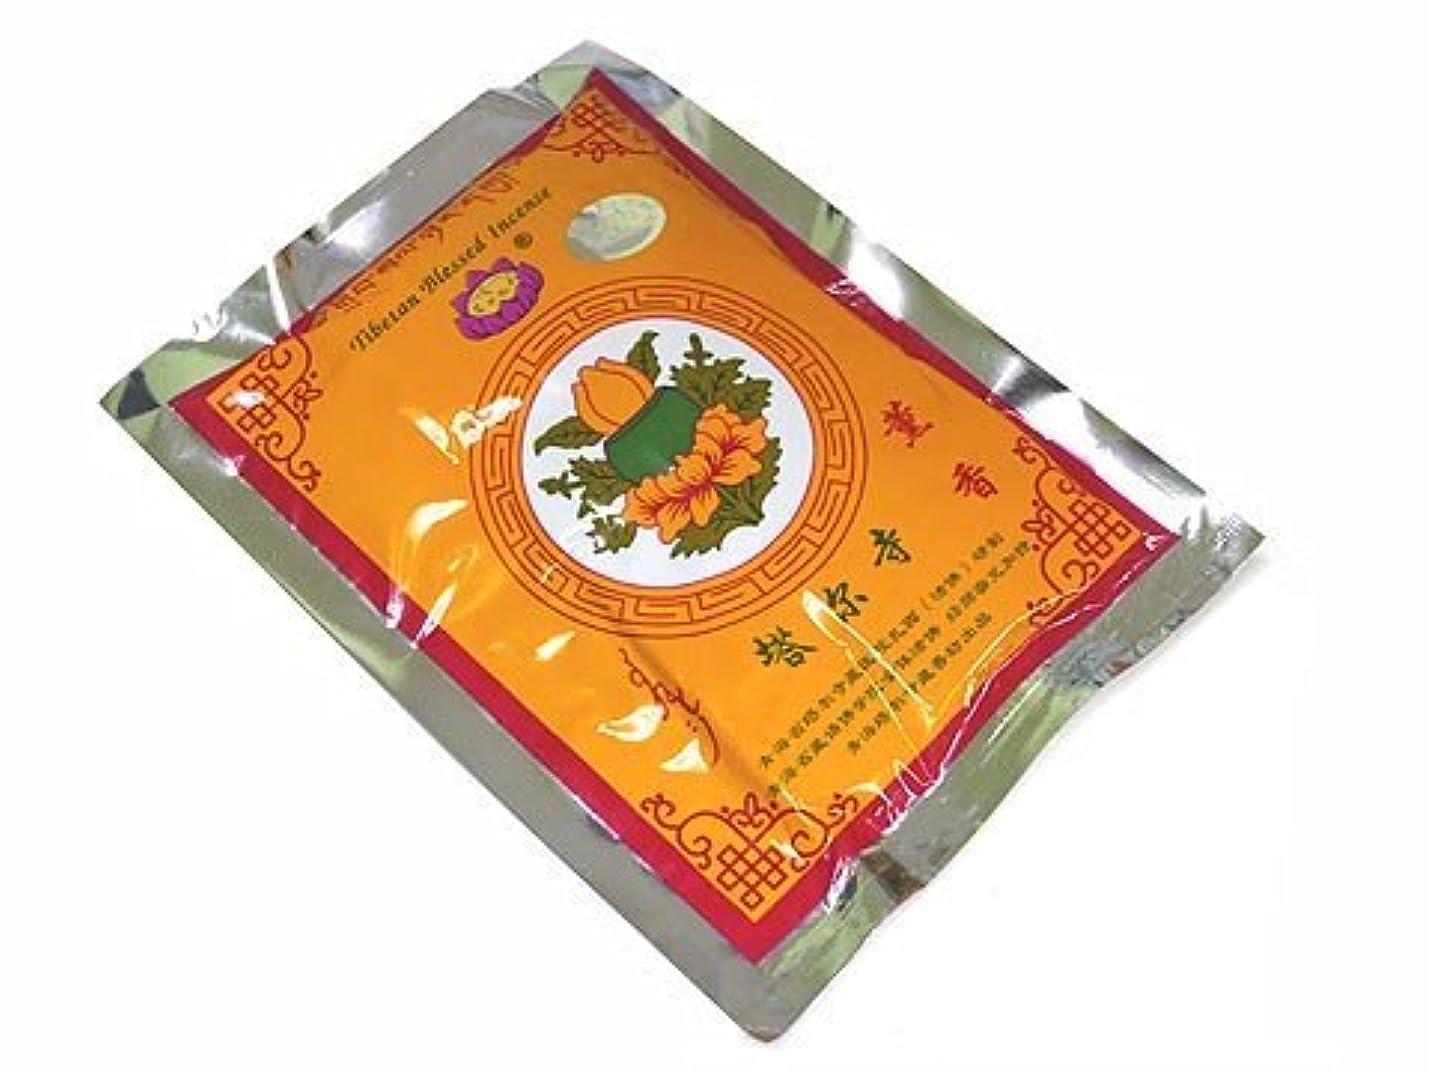 物思いにふけるペストリー受け継ぐタールゴンパ チベット仏教塔 寺(タールゴンパ)【密宗清除薫香パウダータイプ】